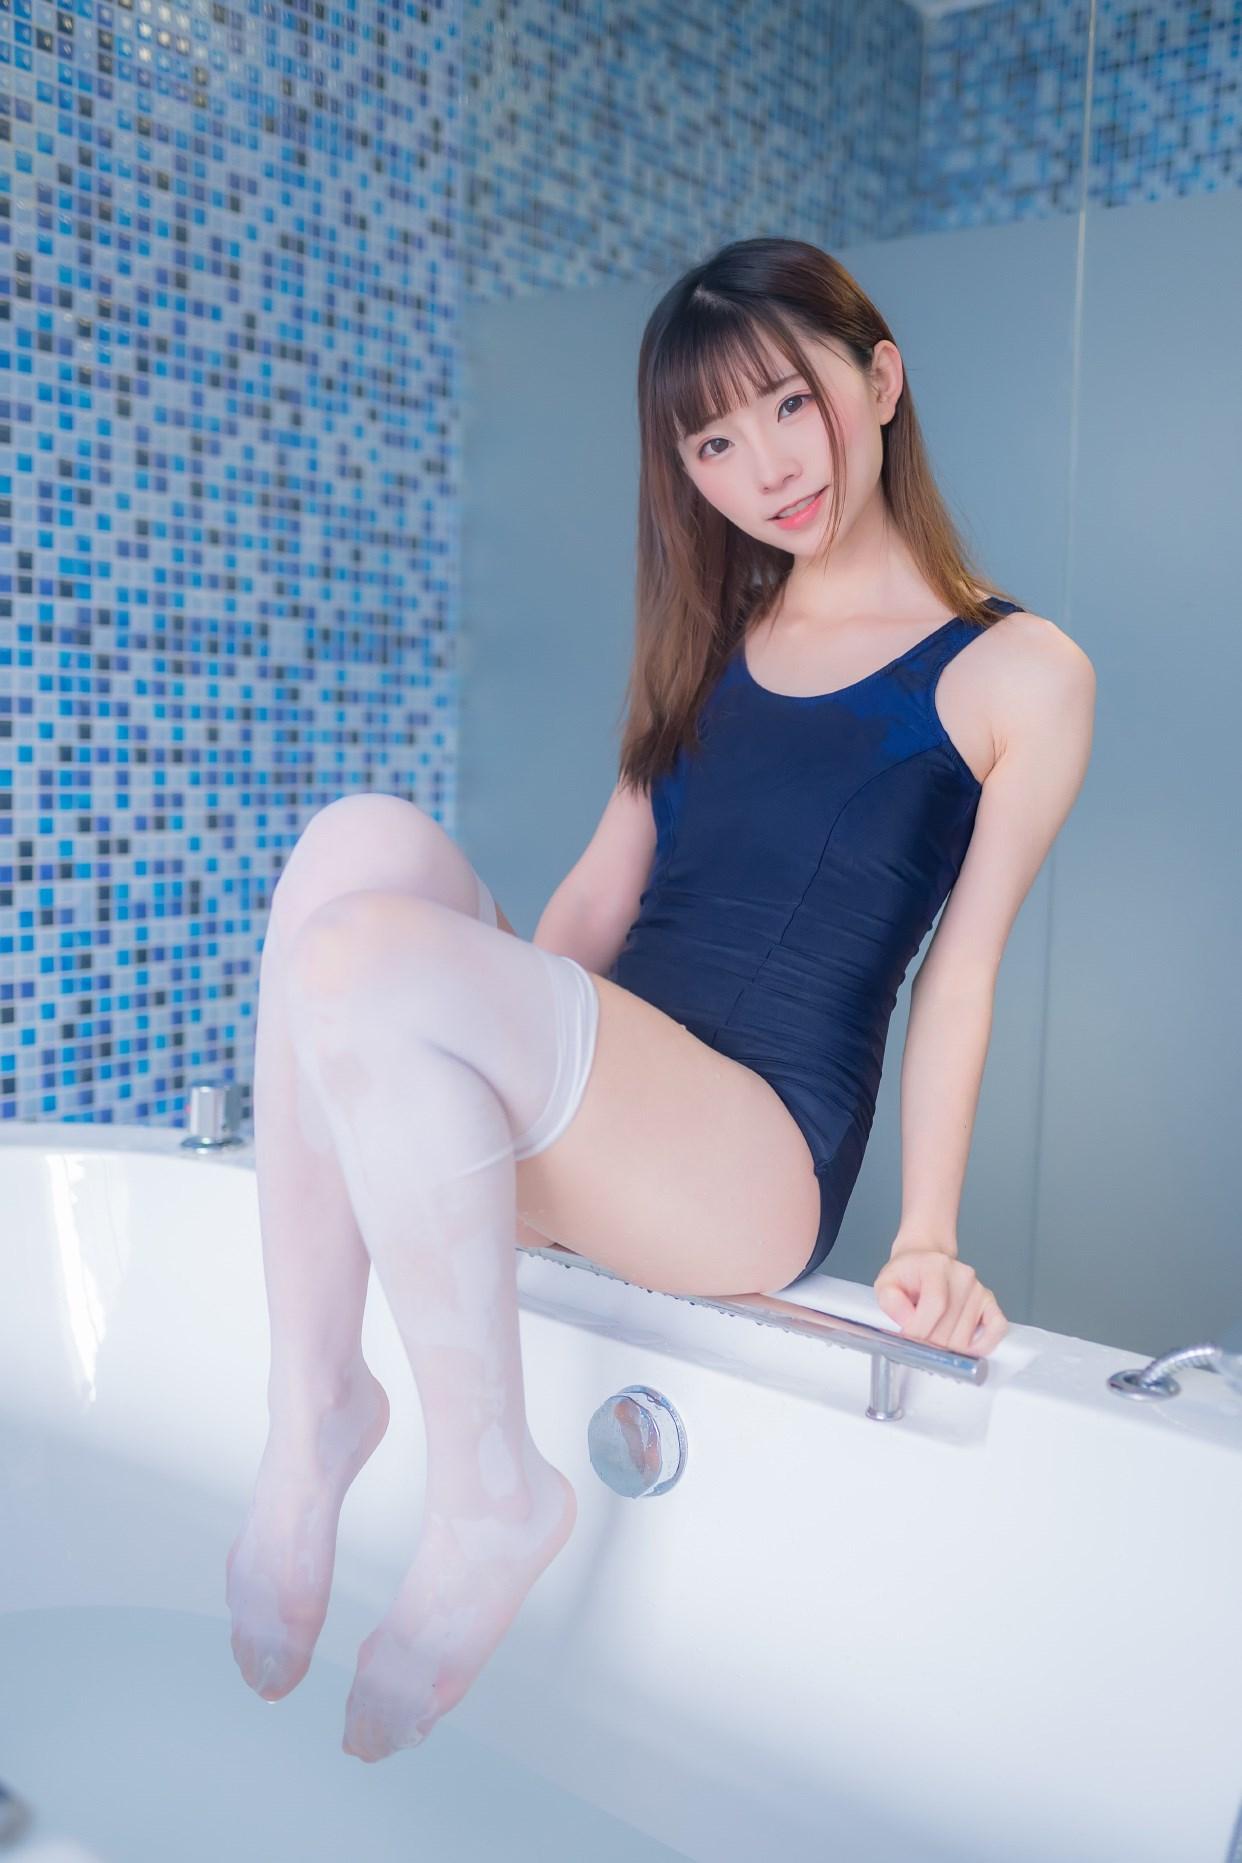 【兔玩映画】vol.18-浴室里 兔玩映画 第23张